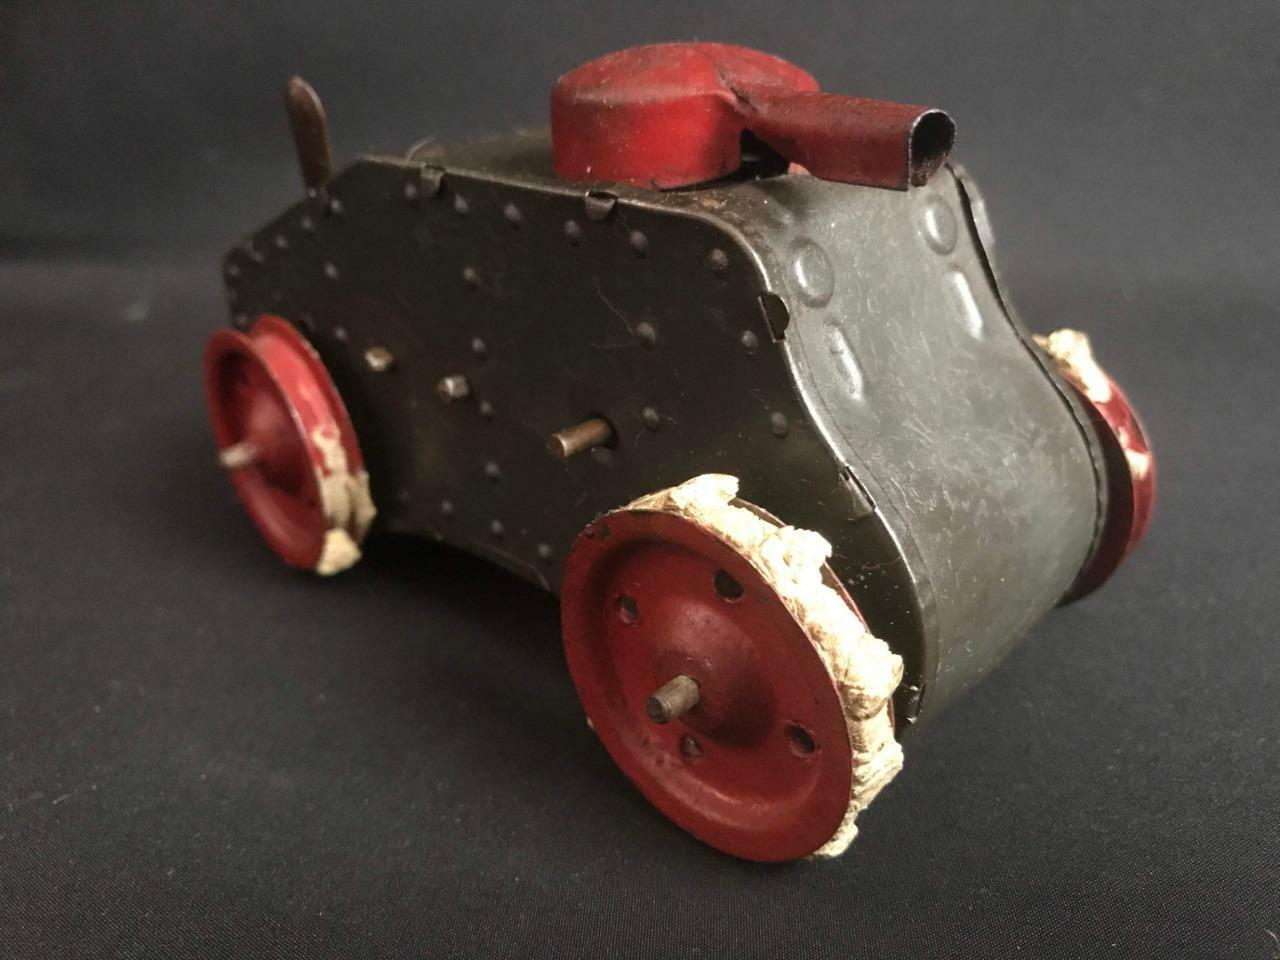 artículos de promoción Tanque WW1 Miniatura líneas Bros Triang Minic Minic Minic Pre Guerra mecanismo de relojería juguete de estaño  ahorra hasta un 50%